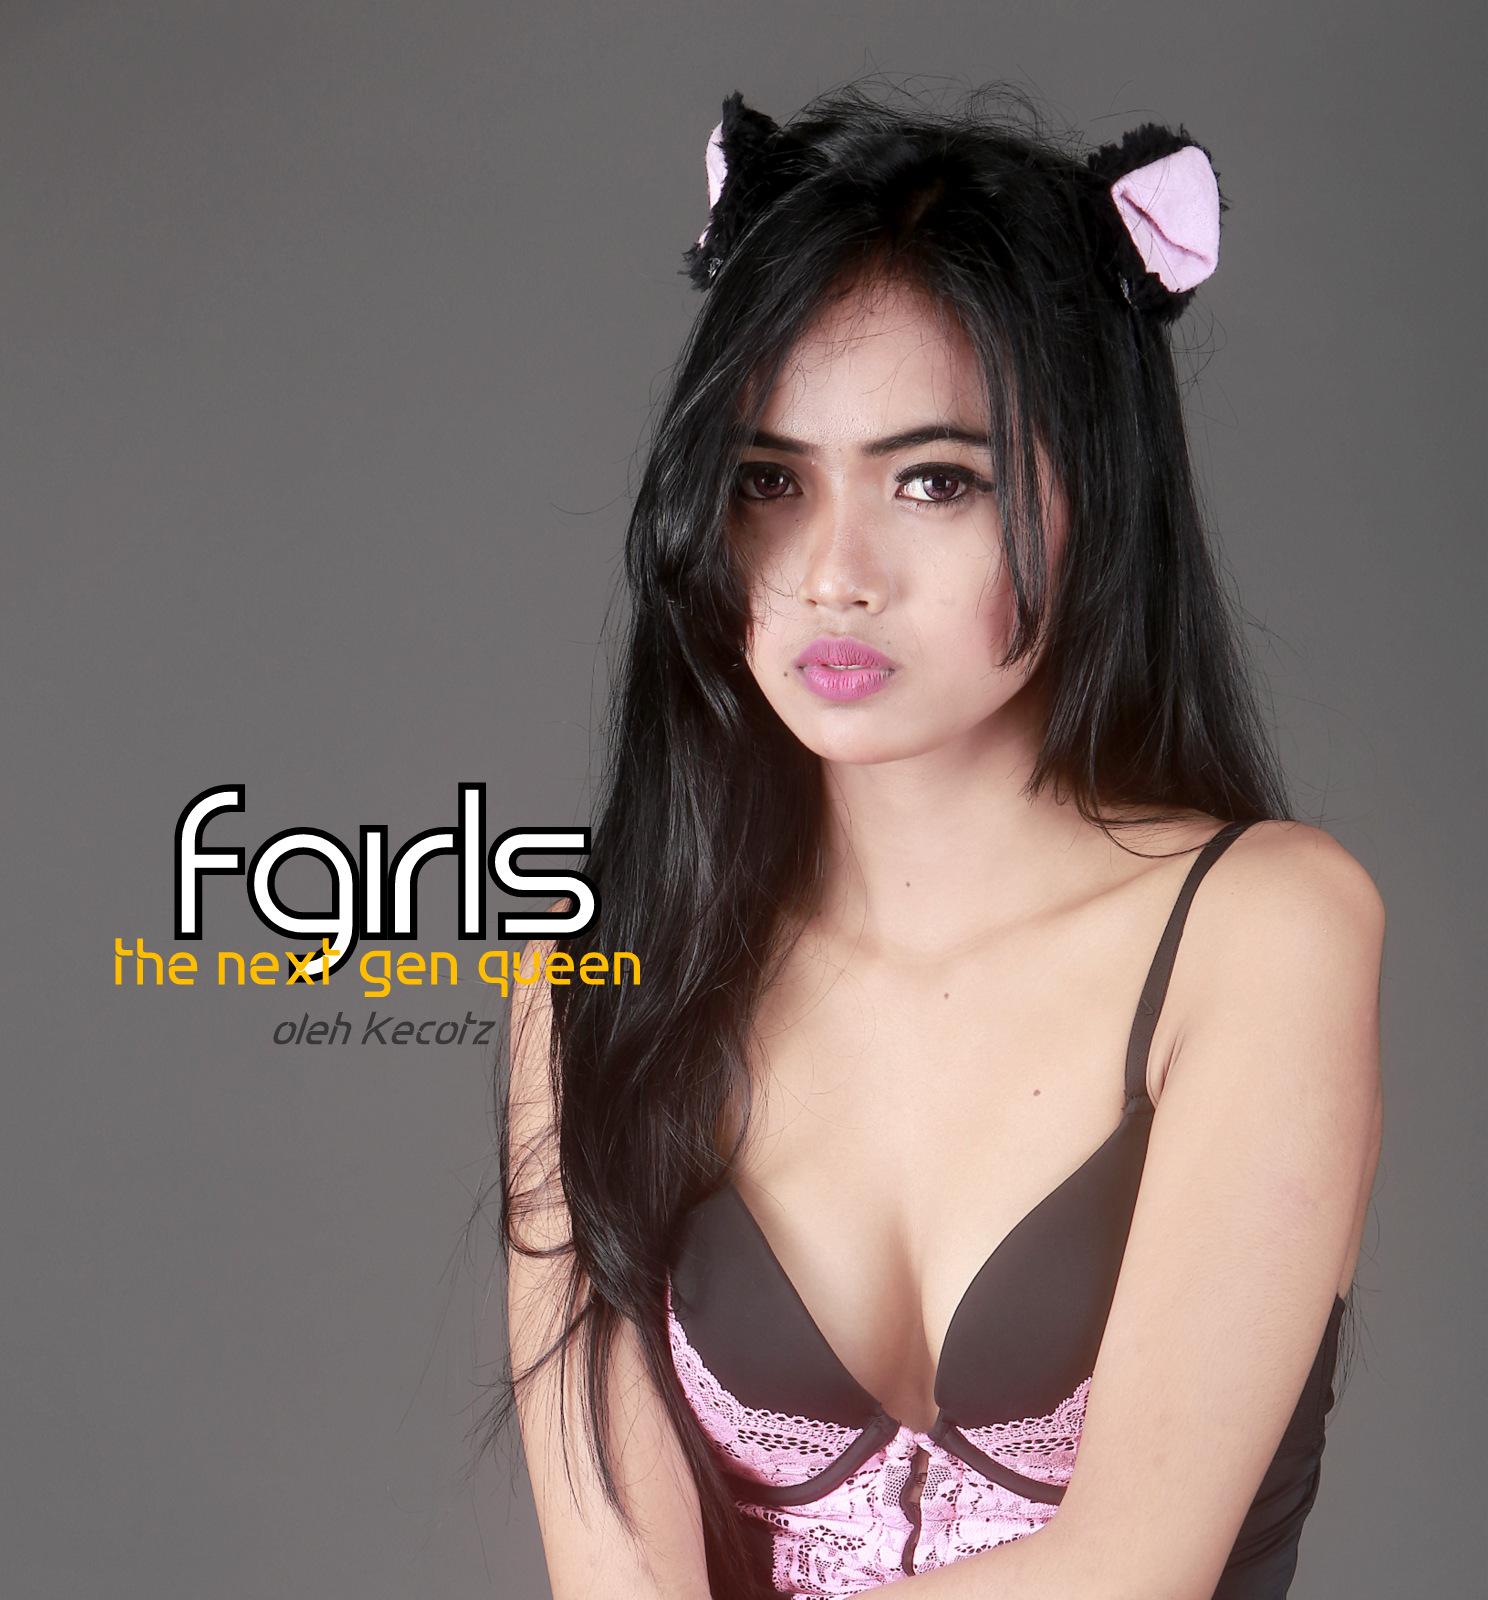 superhot seksi galeri photoshoot debby yunia seksi fgirls